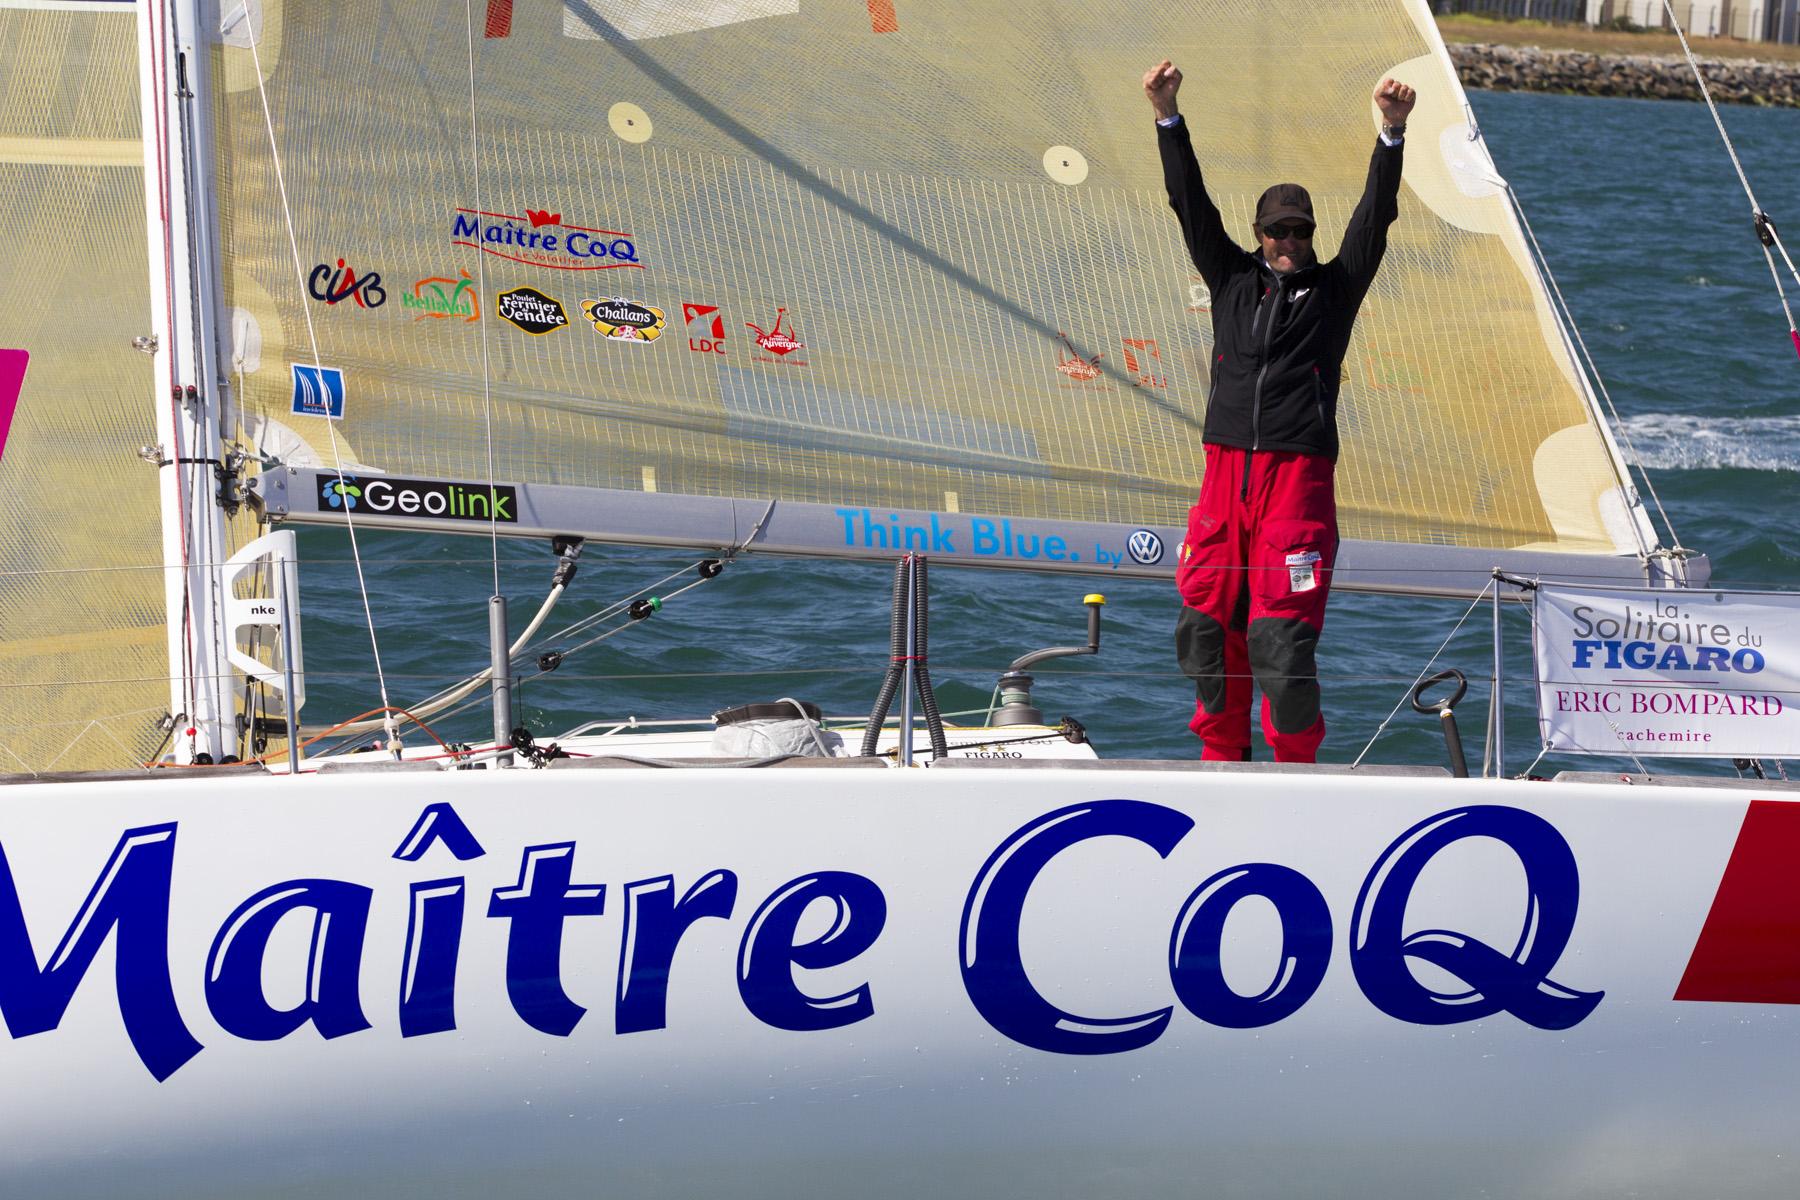 Victoire de Jeremie Beyou (Maitre Coq) sur de la 4eme etape de la Solitaire du Figaro Eric Bompard Cachemire 2014 entre Les Sables d'Olonne et Cherbourg